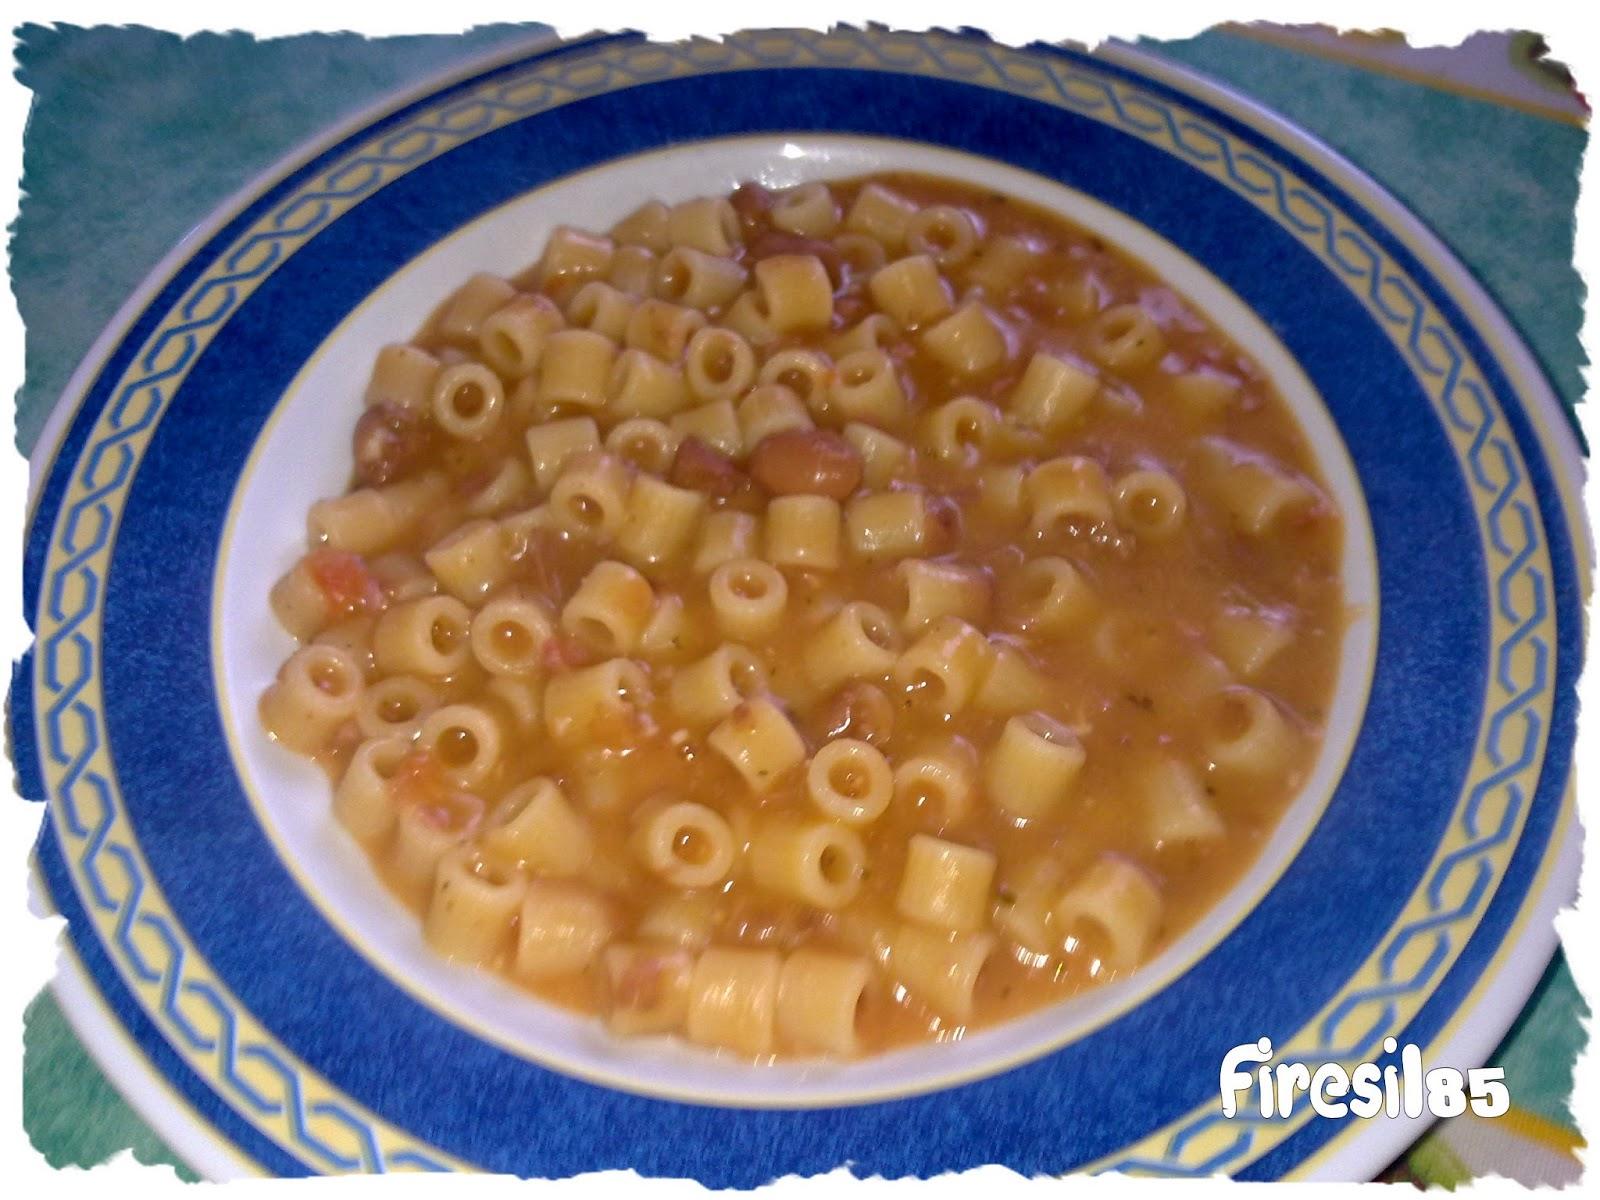 Ricetta per fare la pasta e fagioli